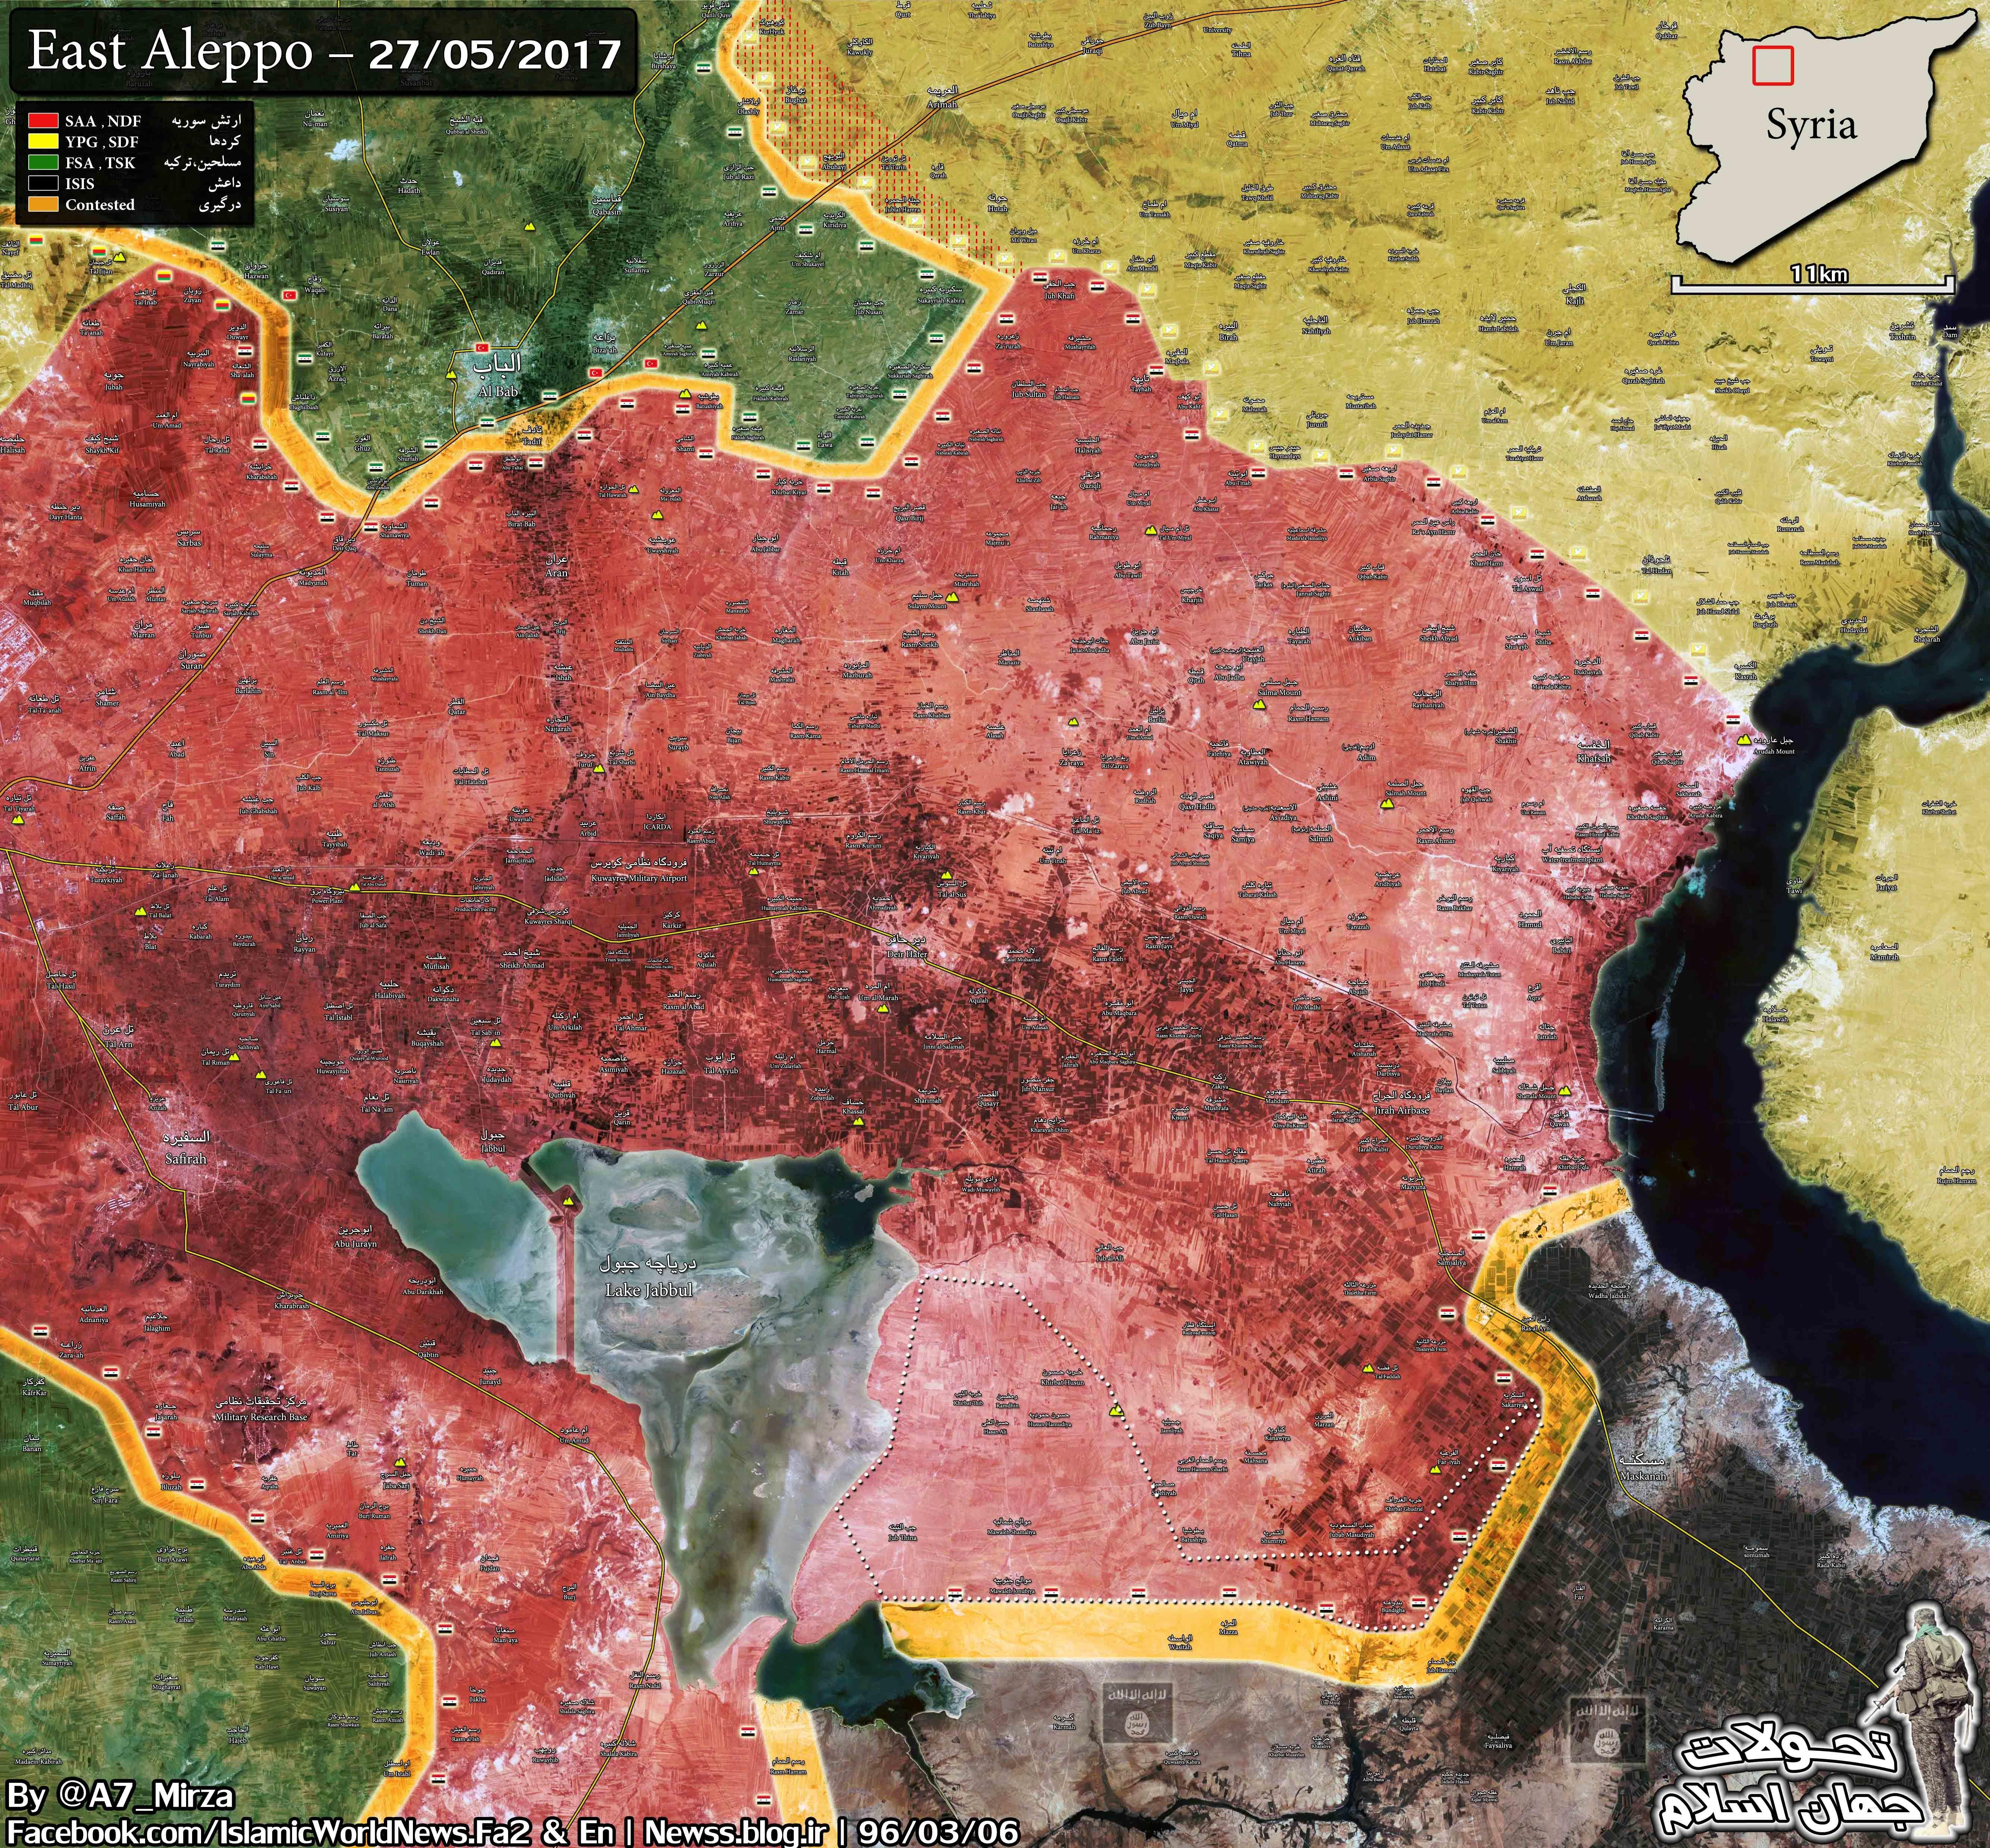 Syrian War: News #13 - Page 7 G29bjblfd5hxo8azg